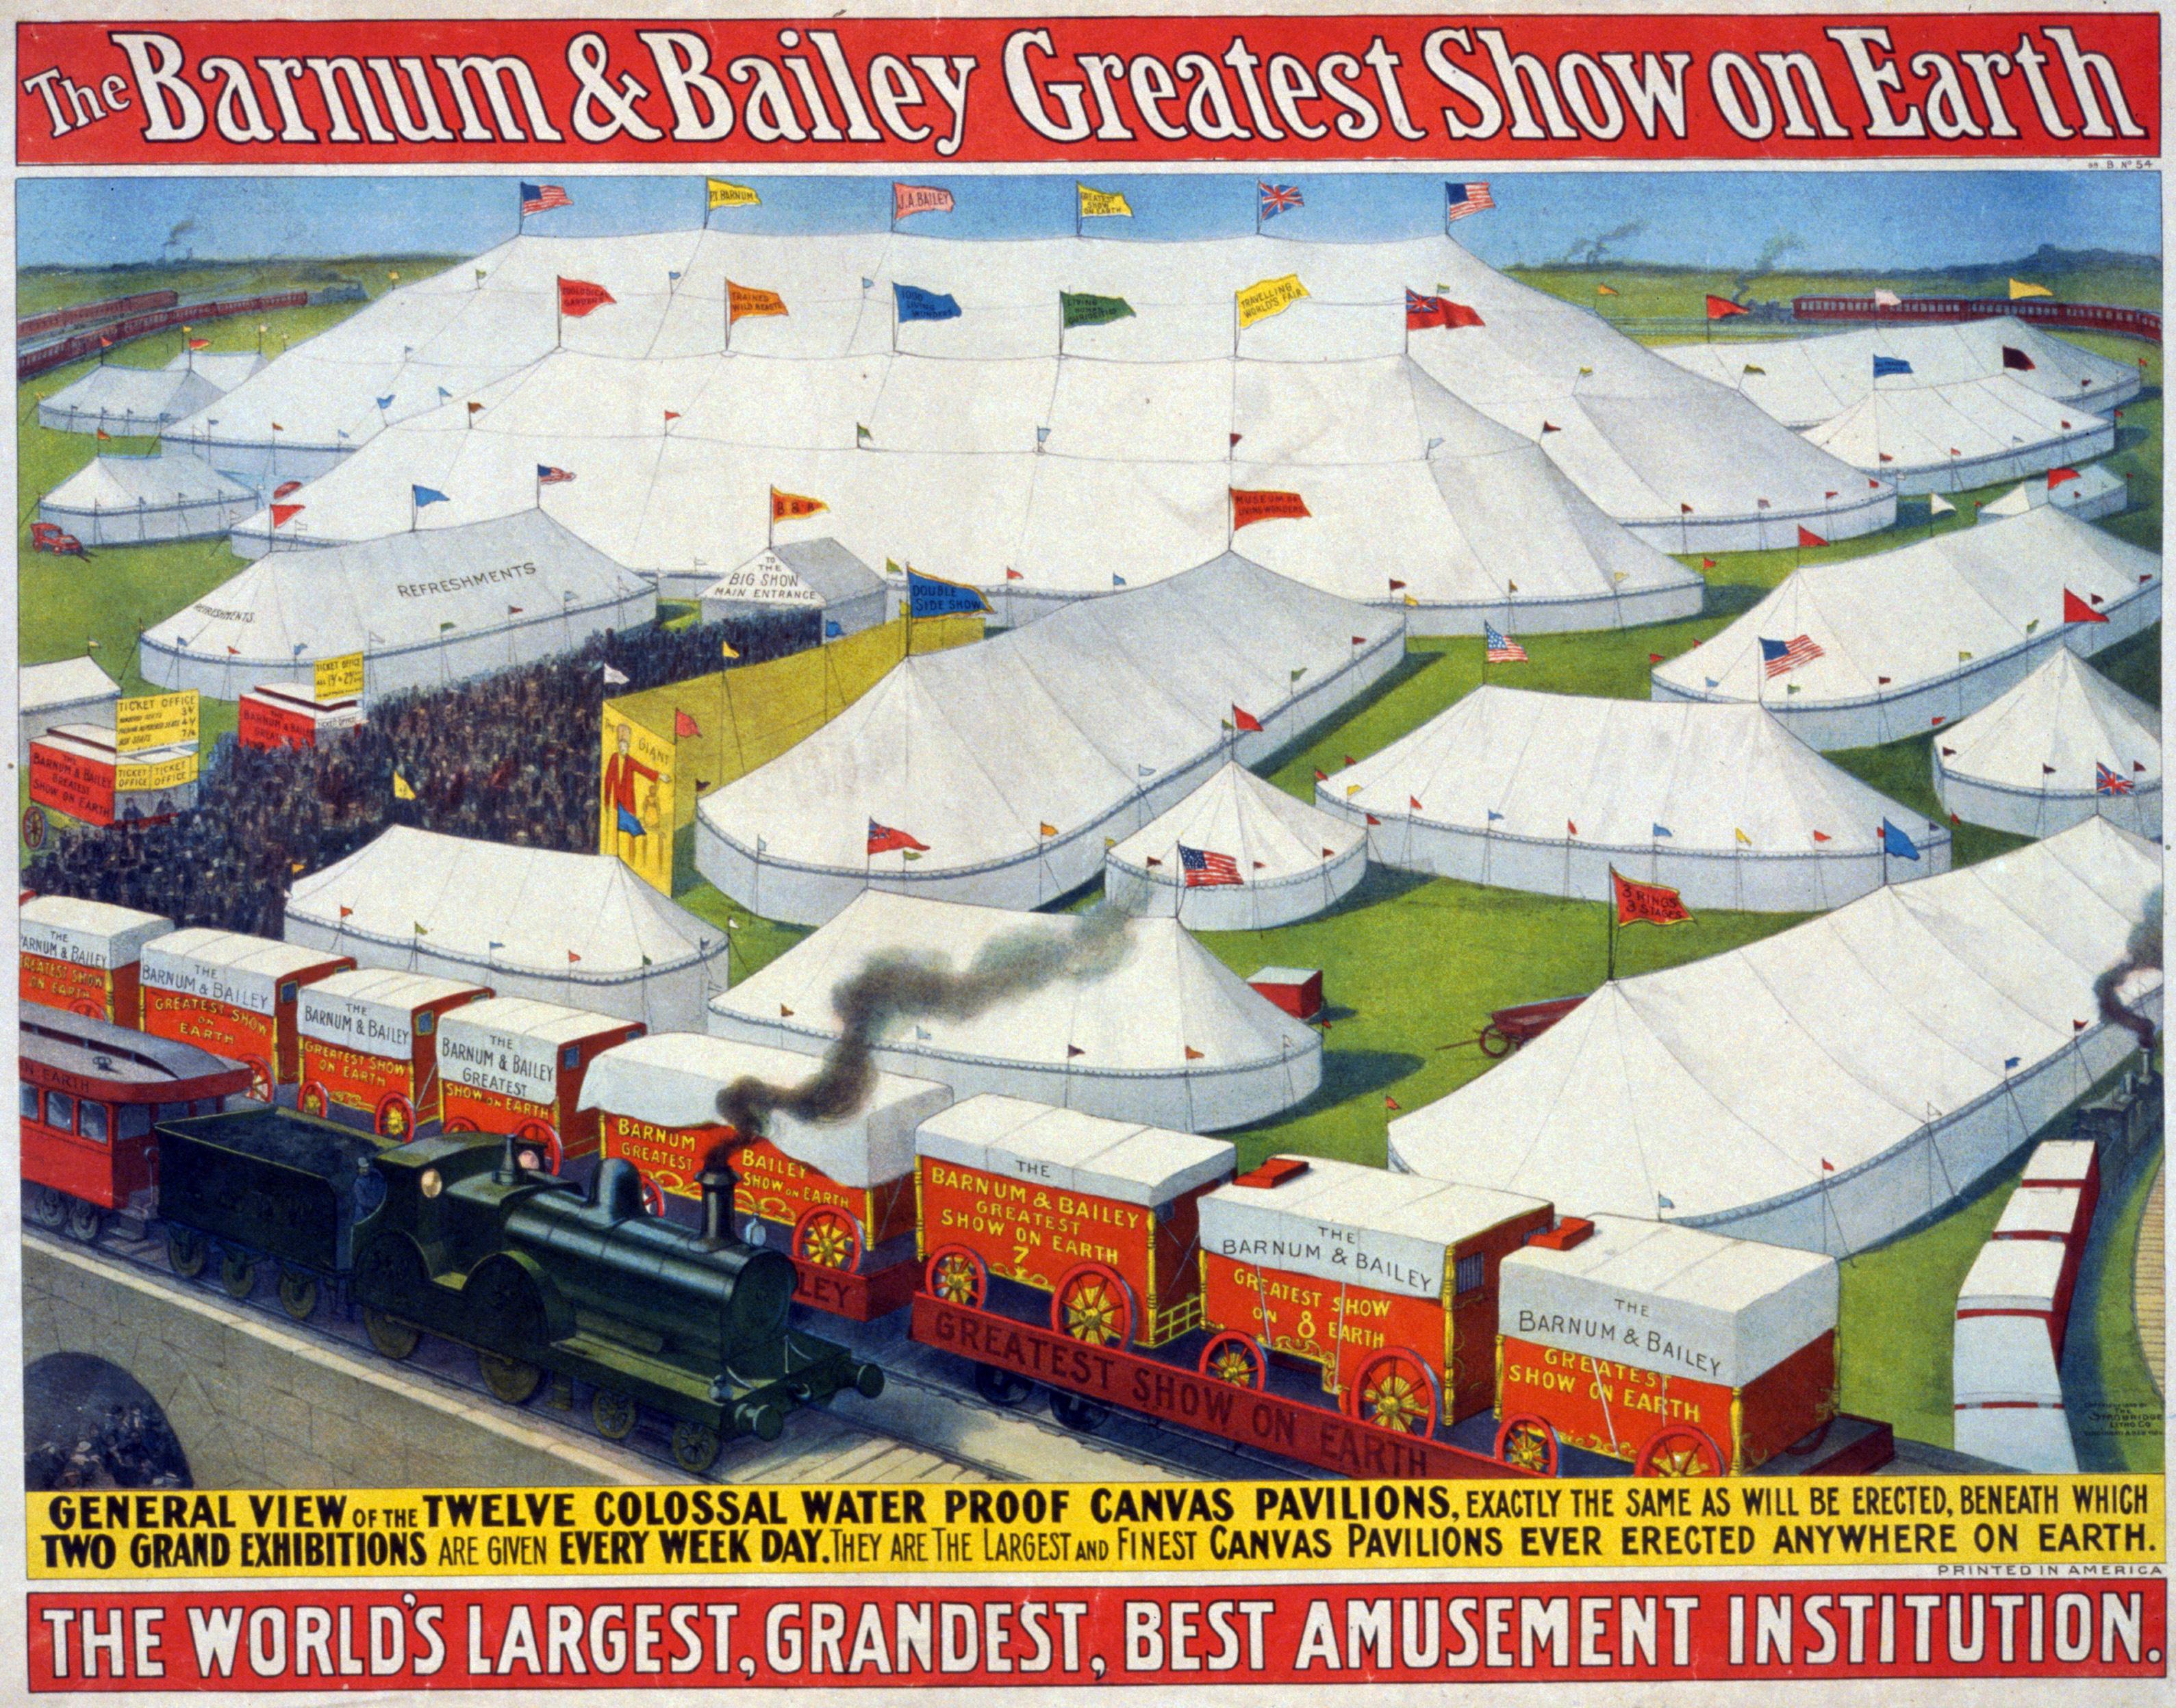 Une affiche du cirque Barnum datant de 1899